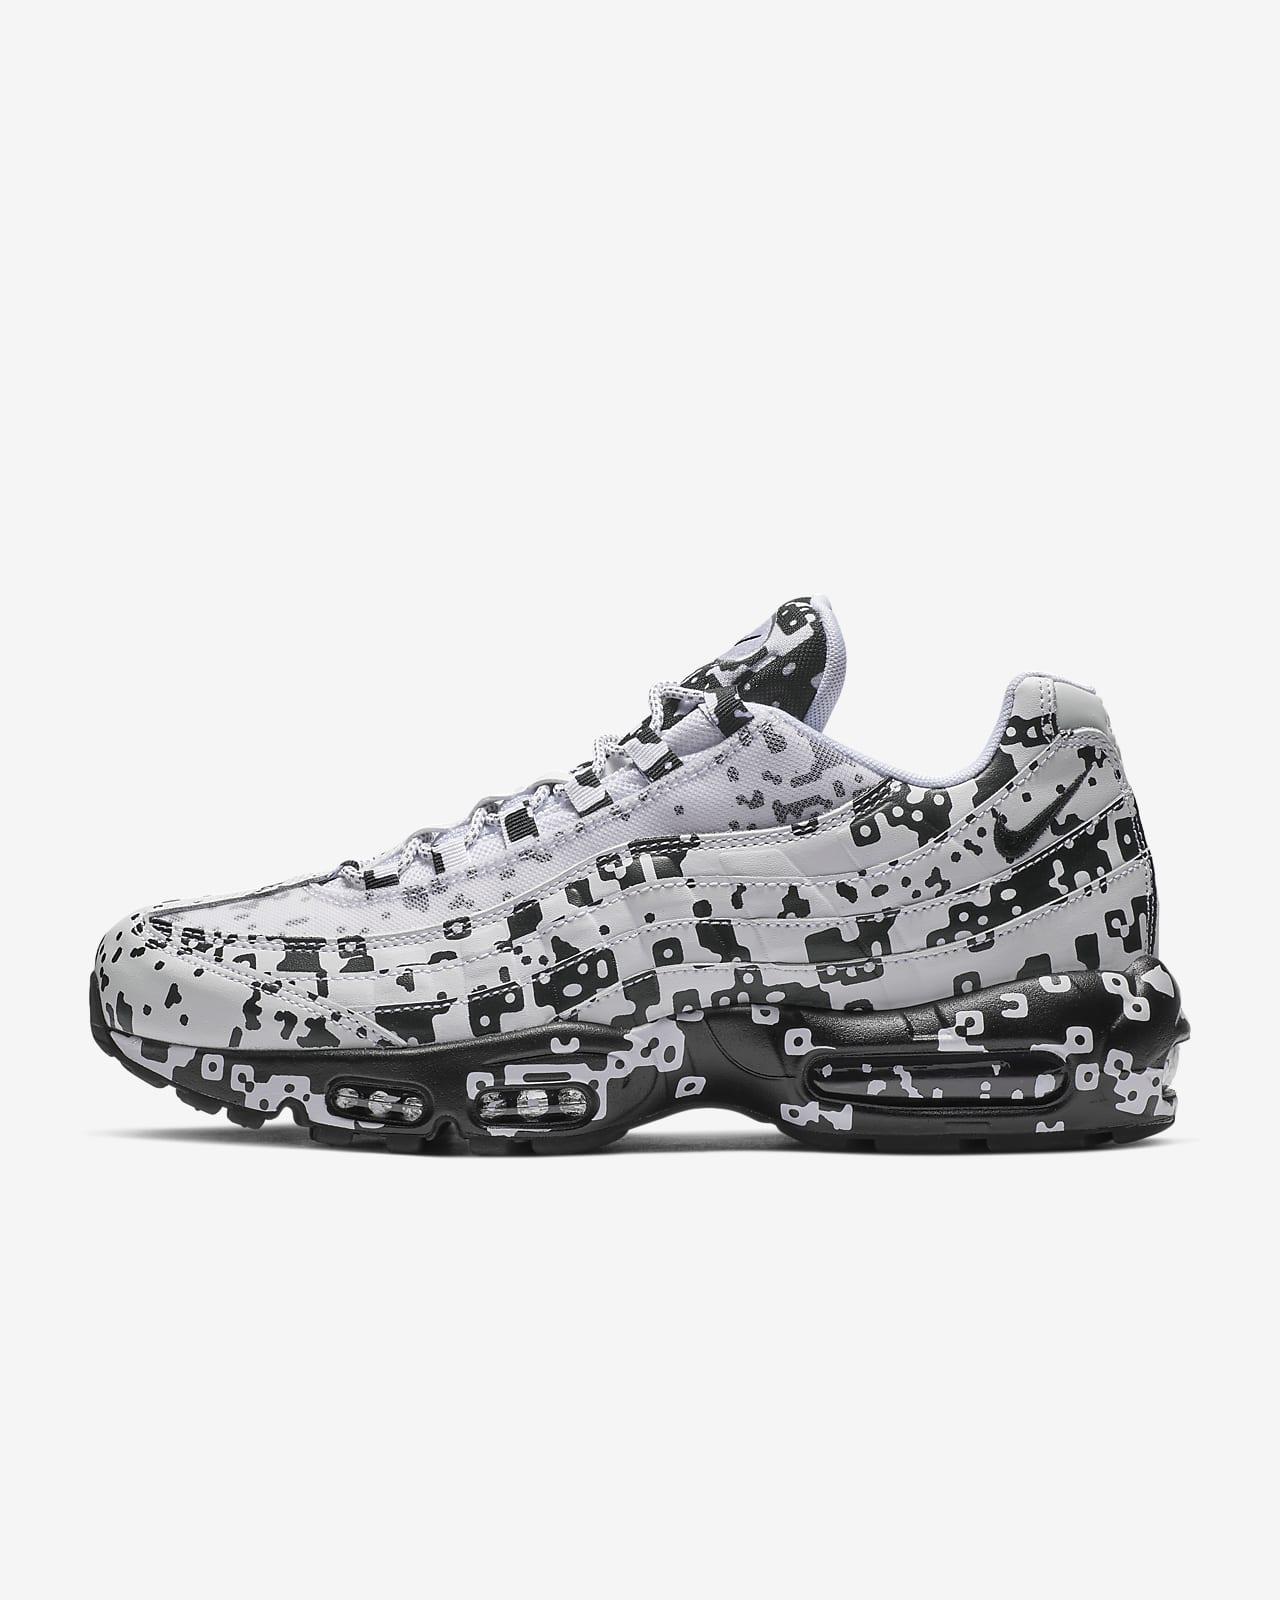 Nike x Cav Empt Air Max 95 Men's Shoe